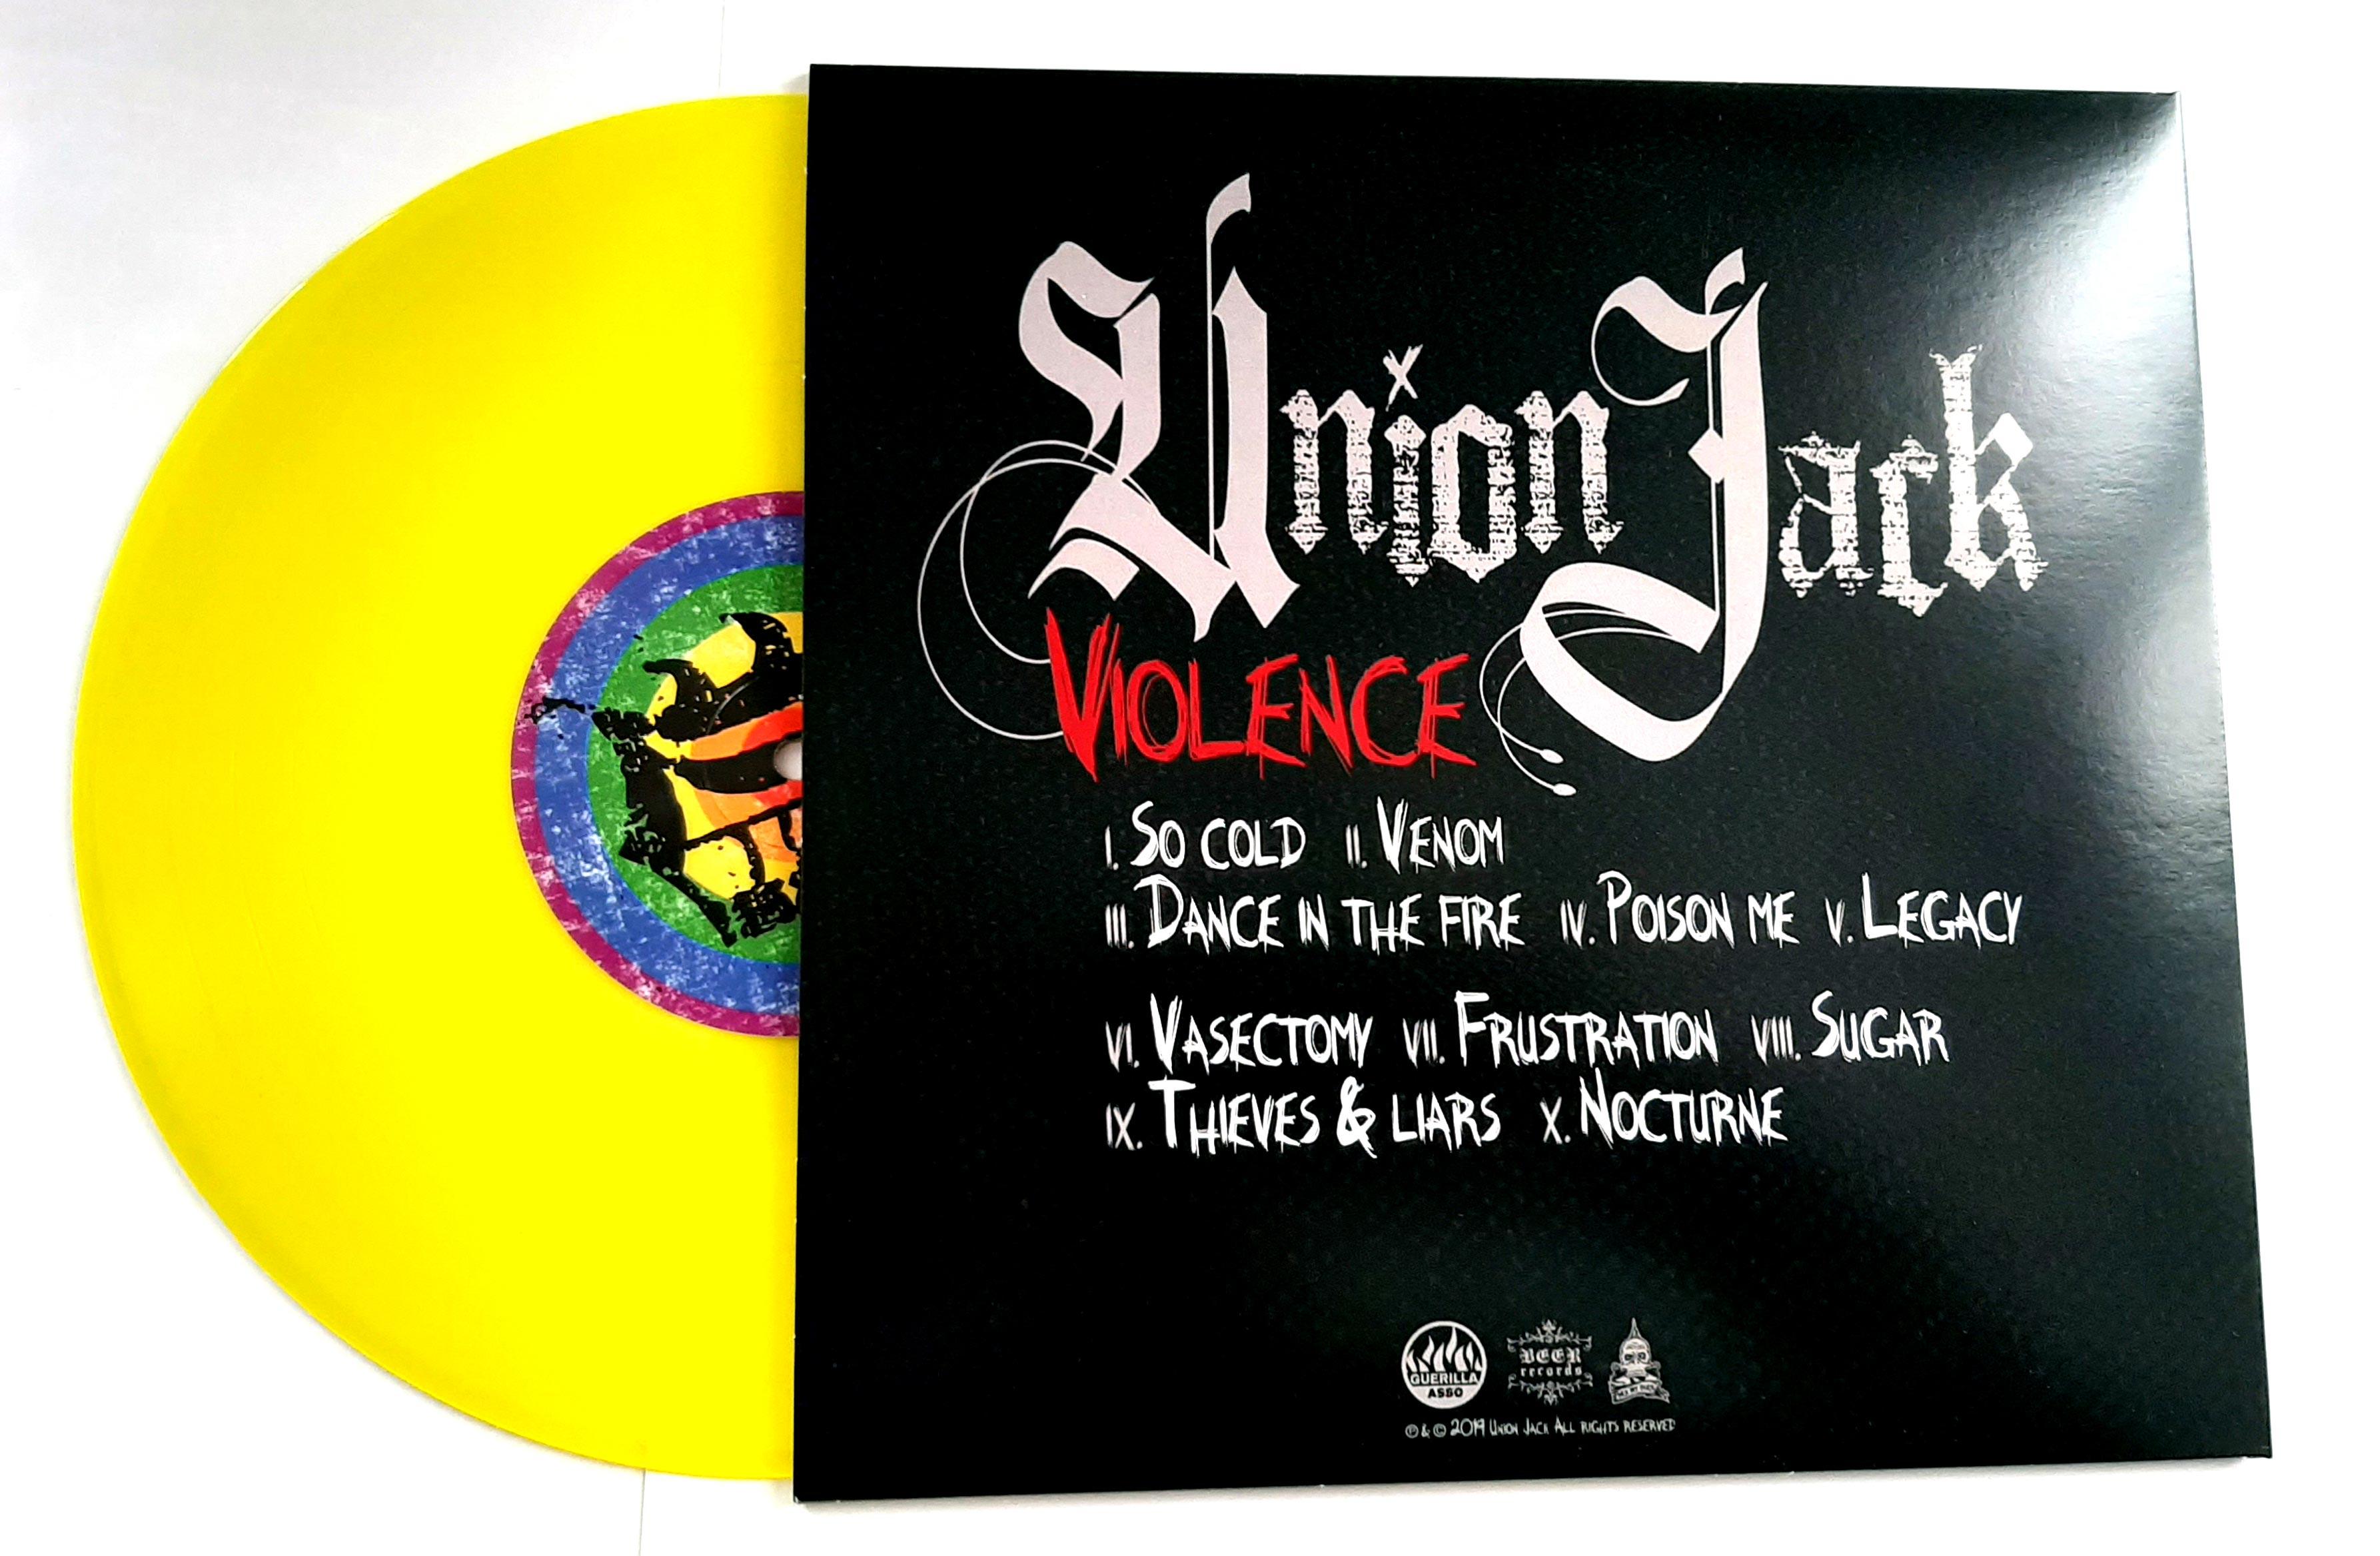 Union Jack - Violence